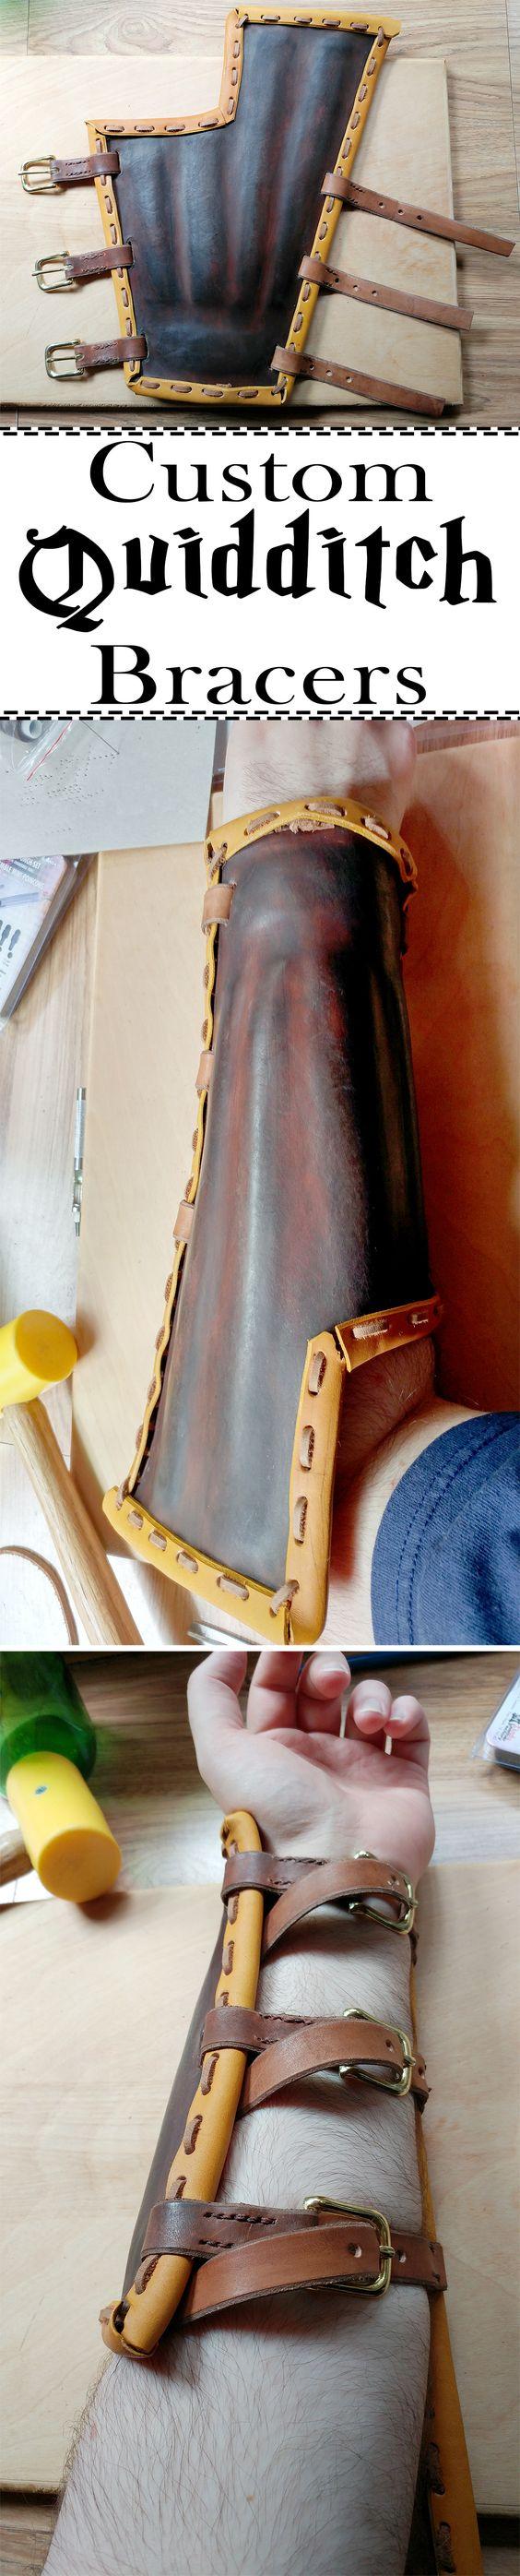 DIY Quidditch Bracers.